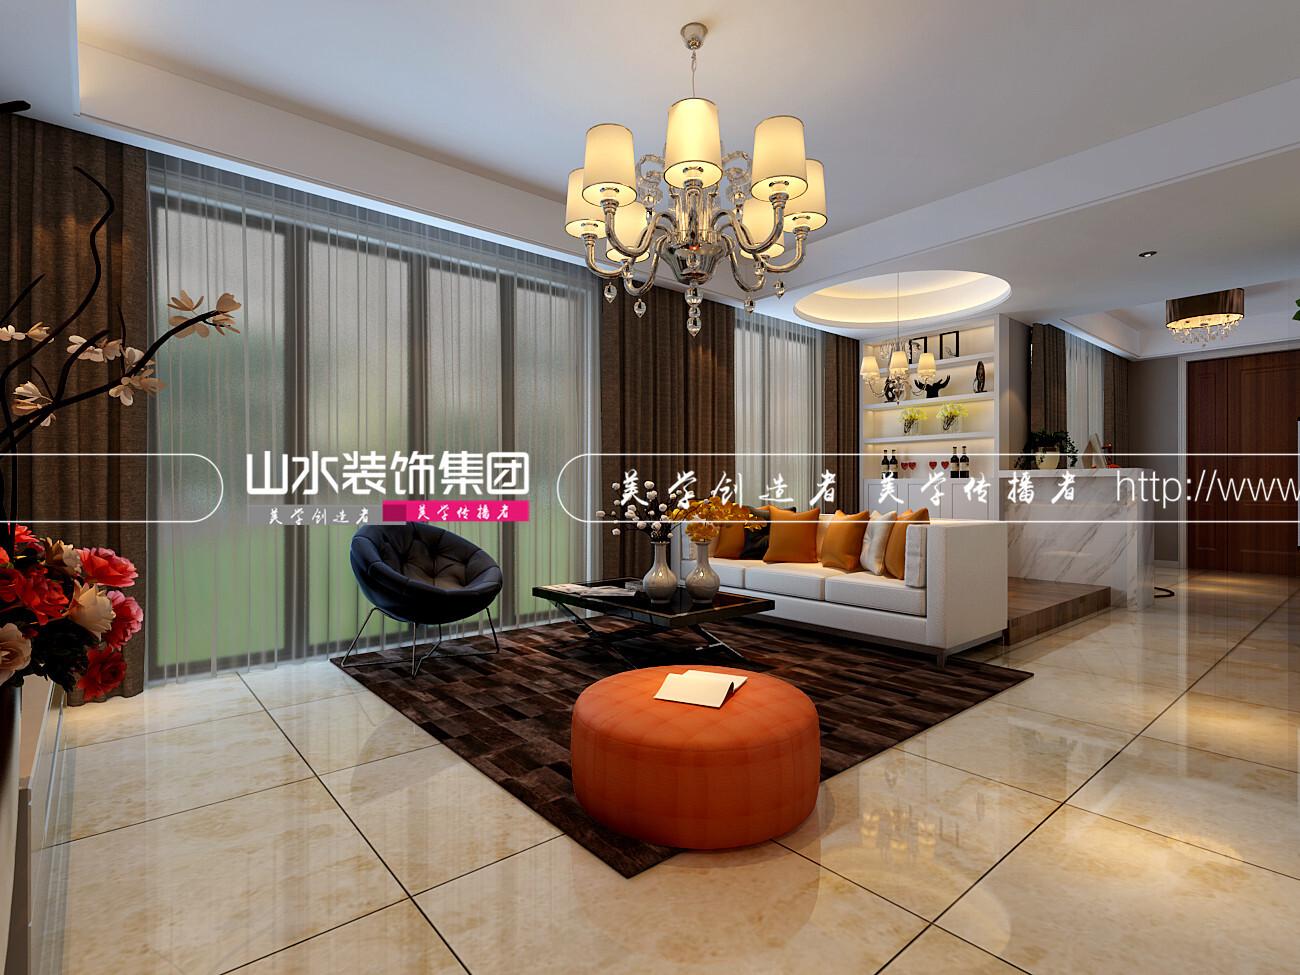 100平米現代風格三居室裝修效果圖